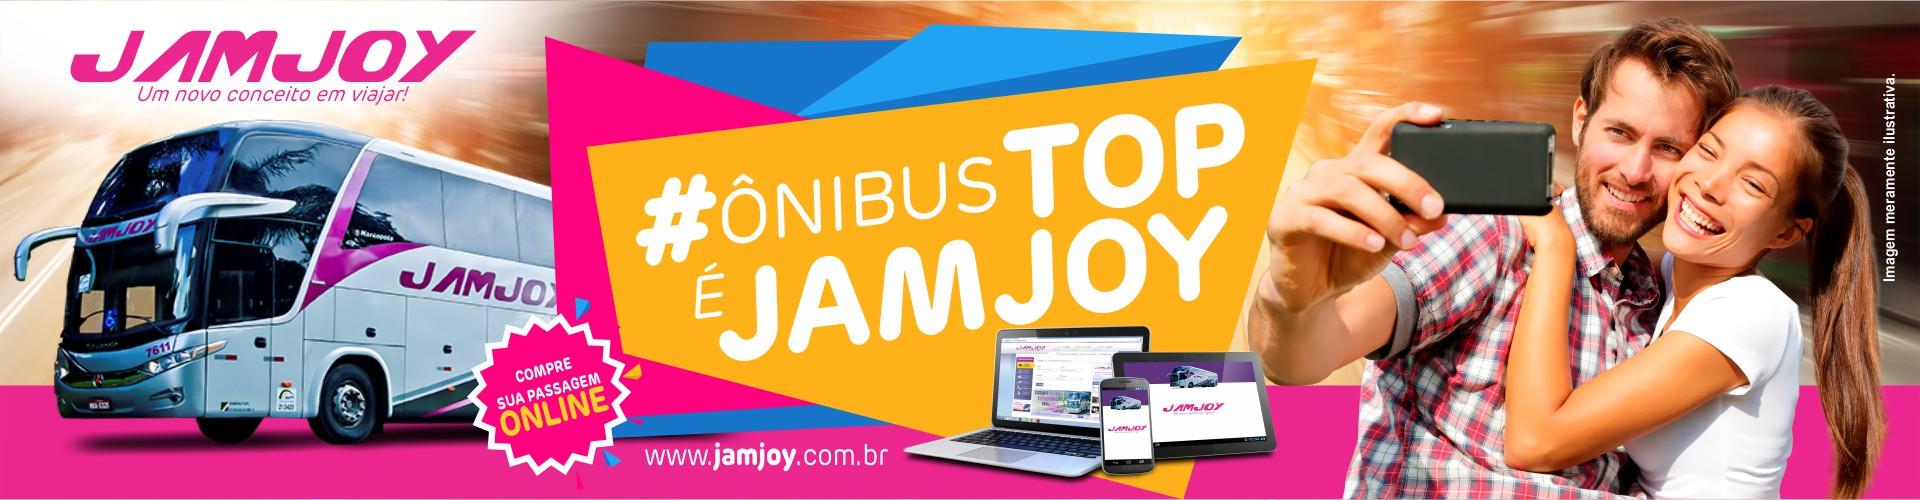 Ônibus Top é JamJoy